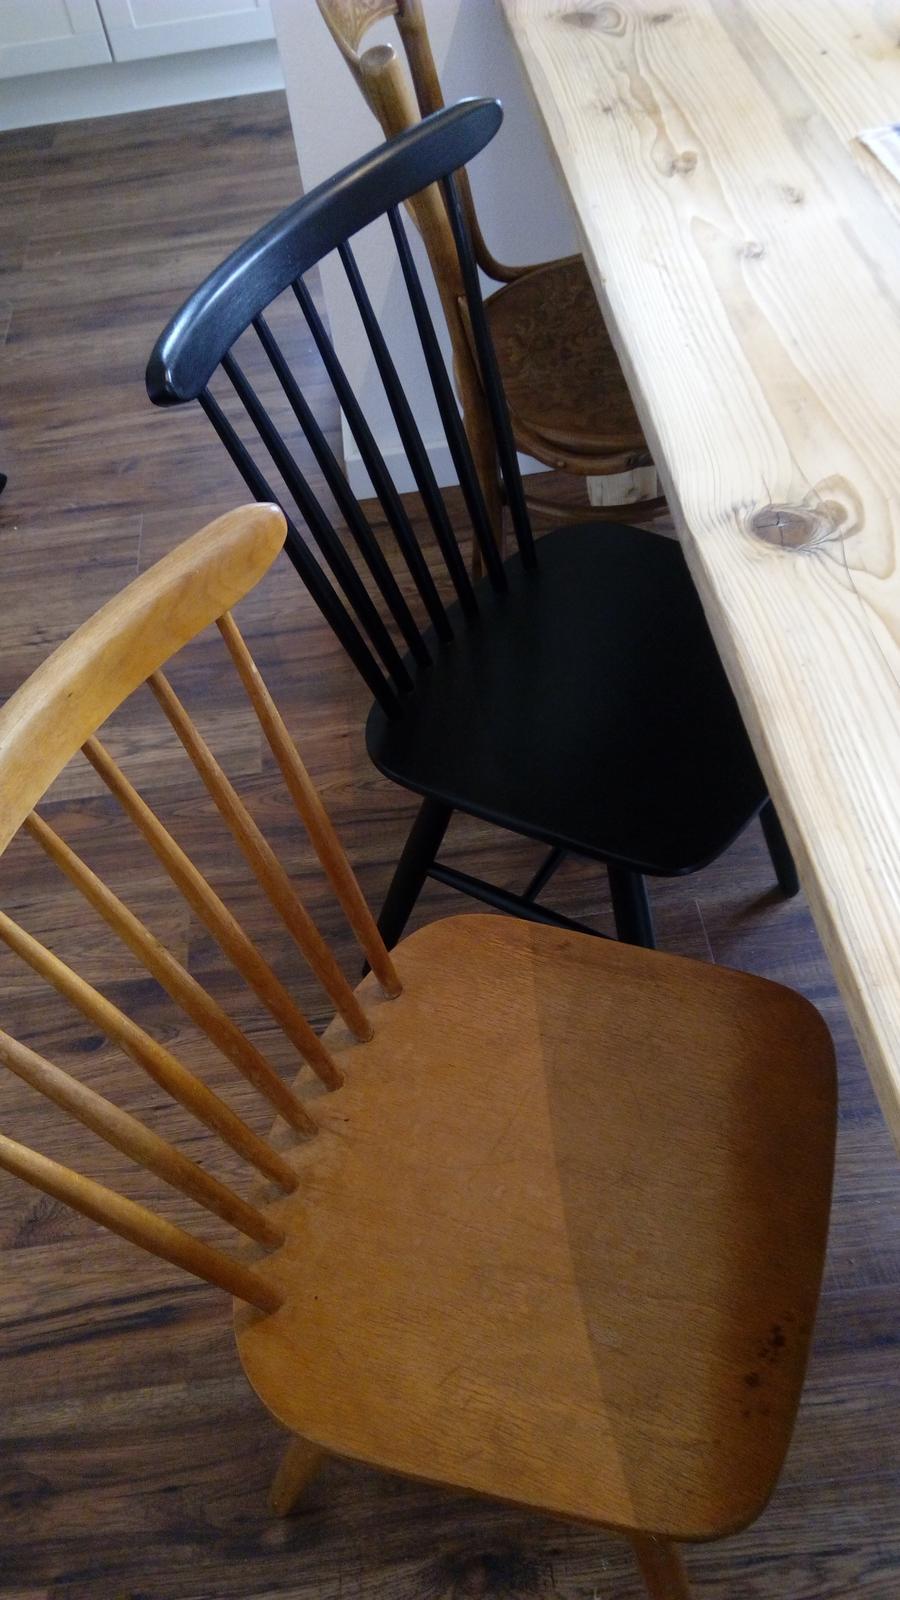 Premeny - pred a po....Stoličky prešli menšou renováciou...čierna prekryla všetky nedostatky...a môžu slúžiť ďalšie roky.... ;-)